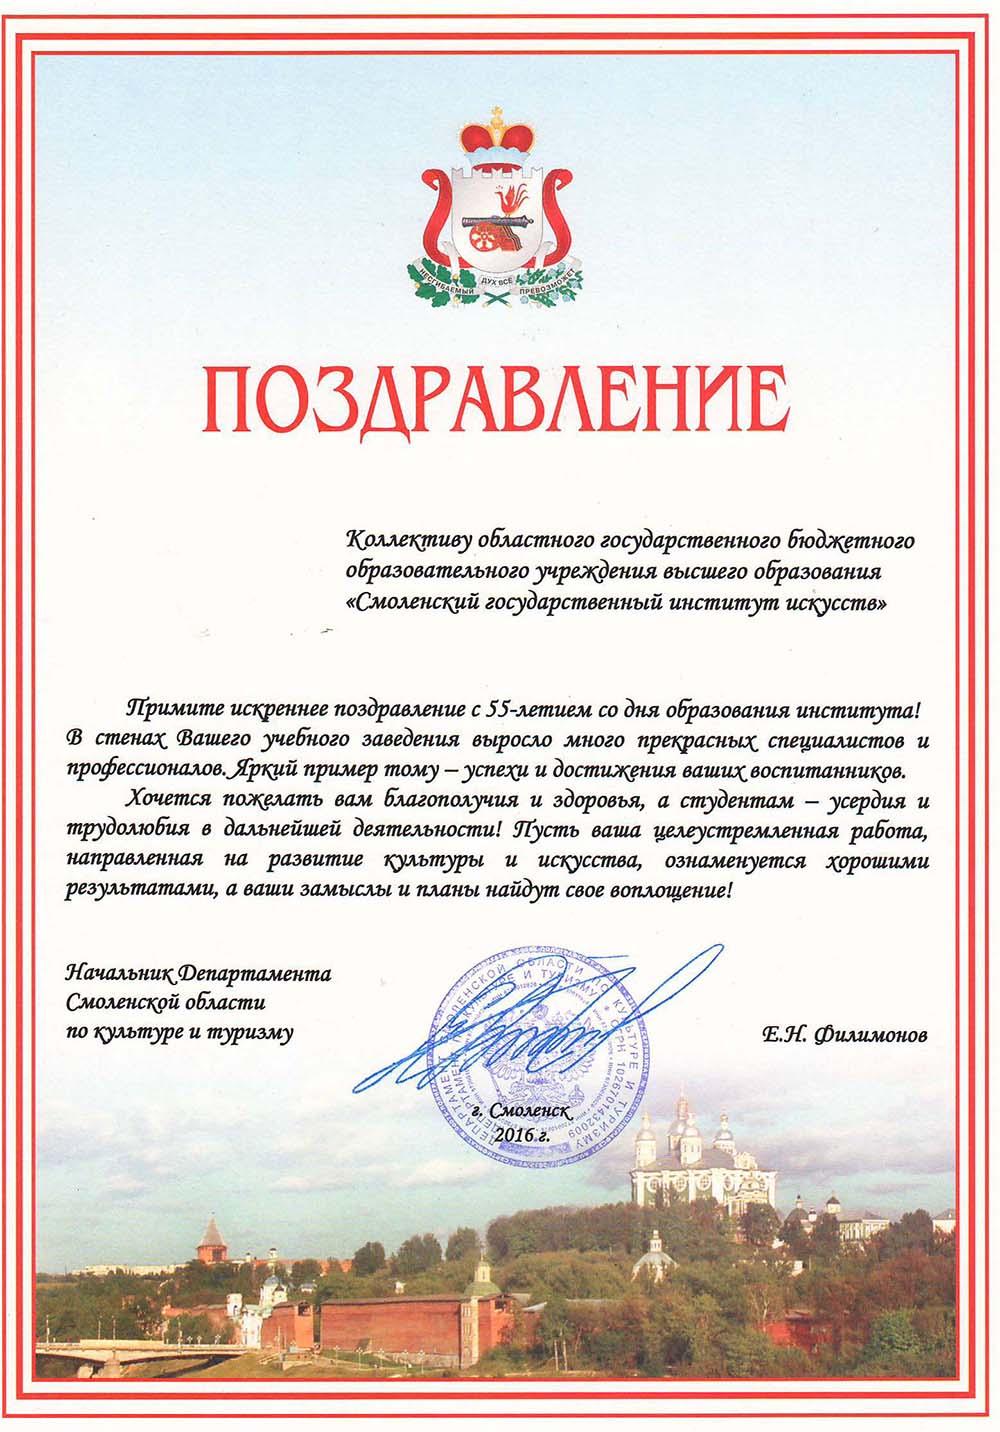 Пятилетие организации официальное поздравление